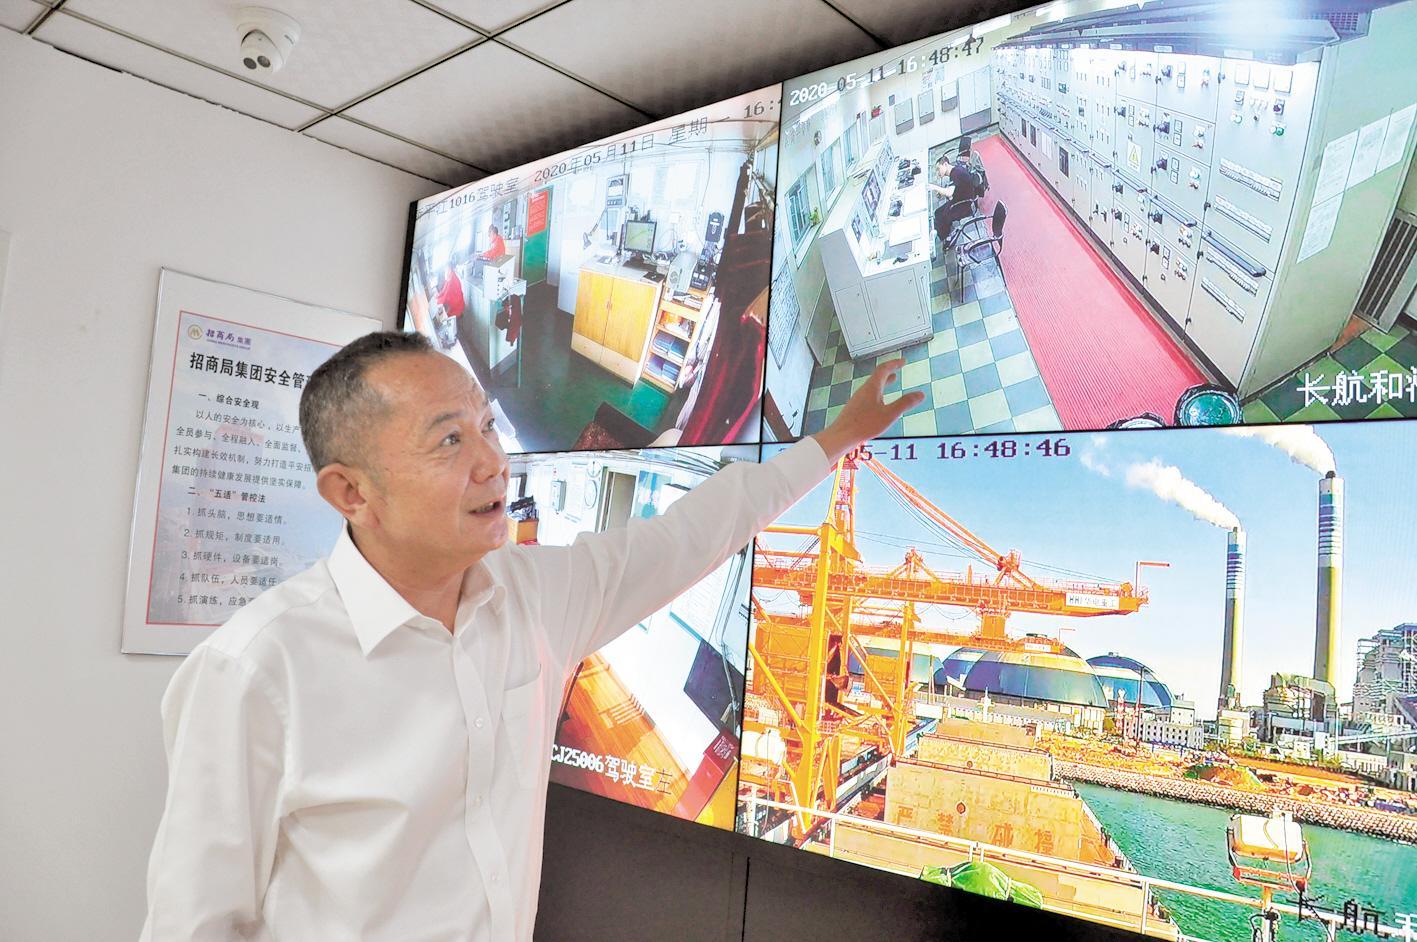 张锐代表:推动长江航运绿色高质量发展